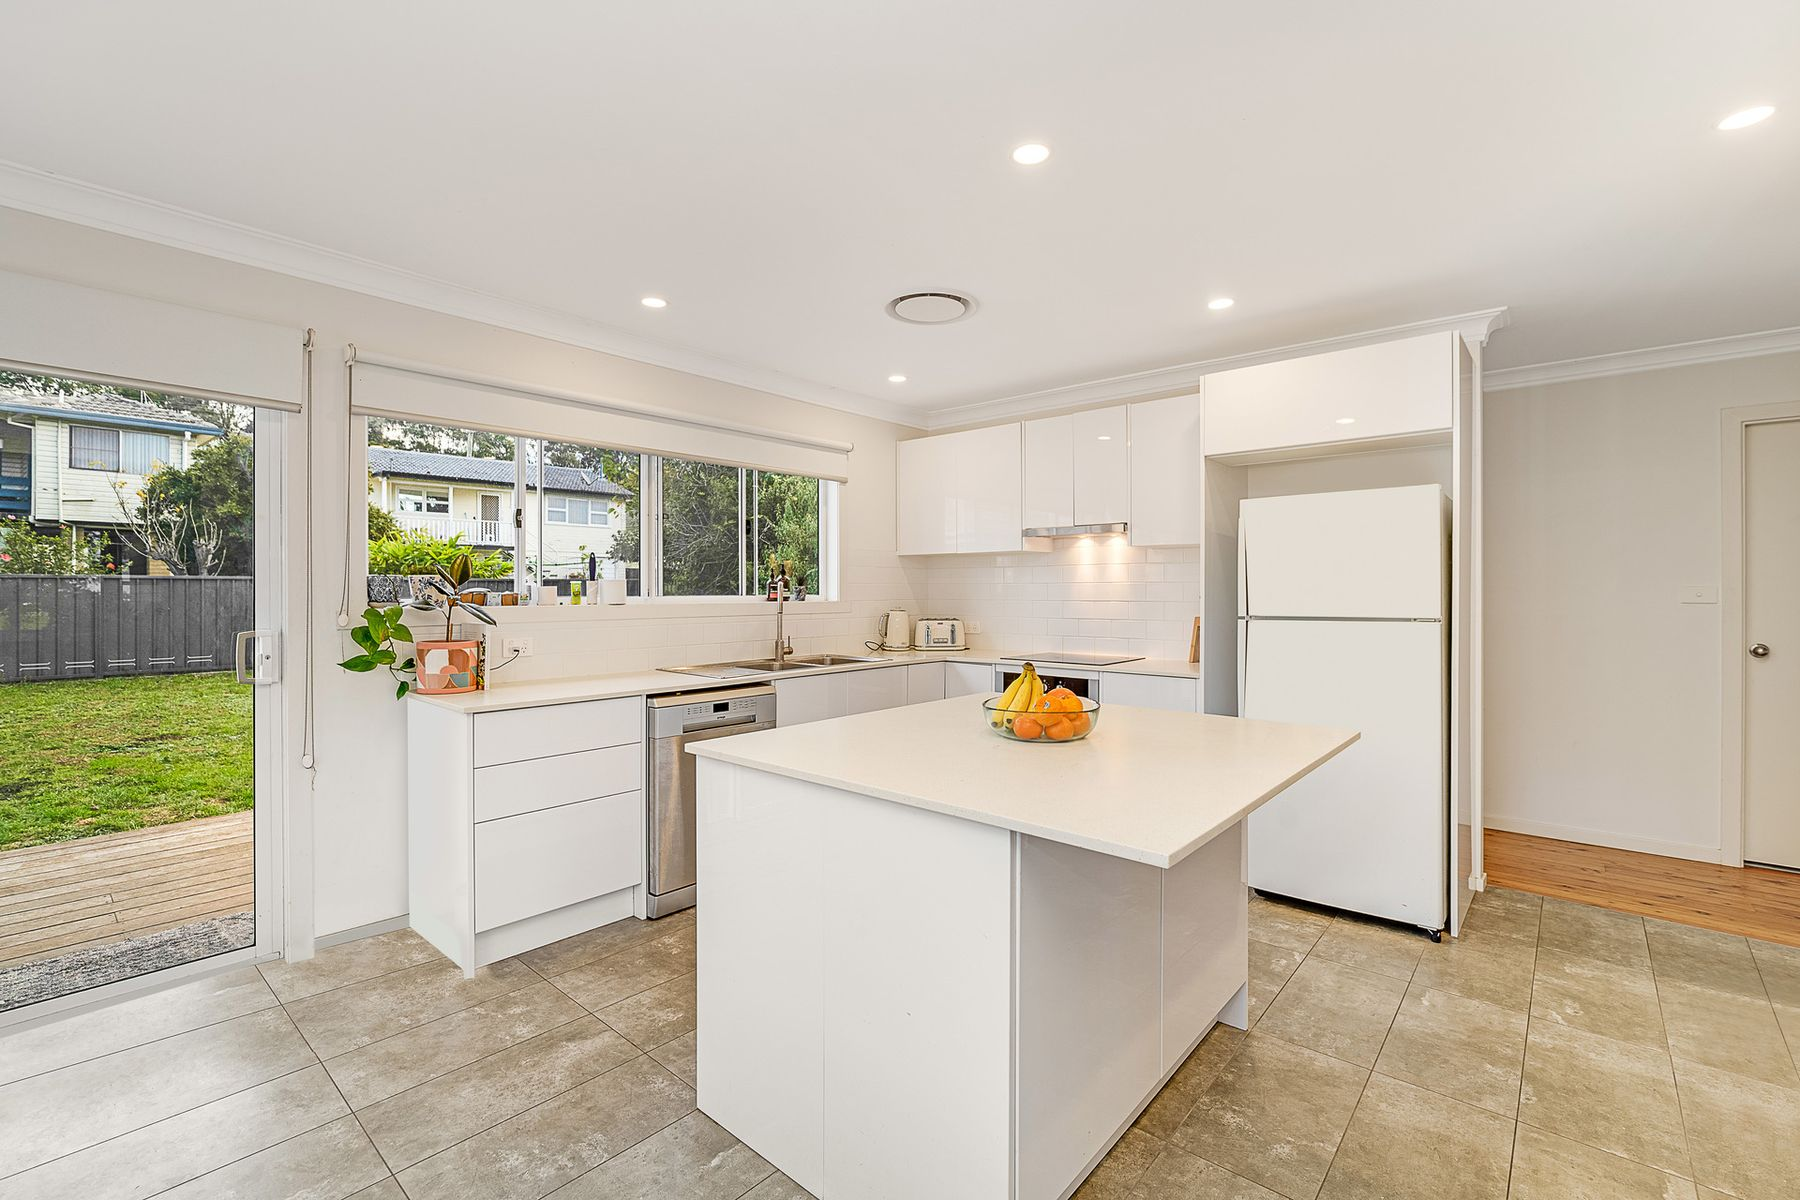 53 Stevenson Avenue, Mayfield West, NSW 2304